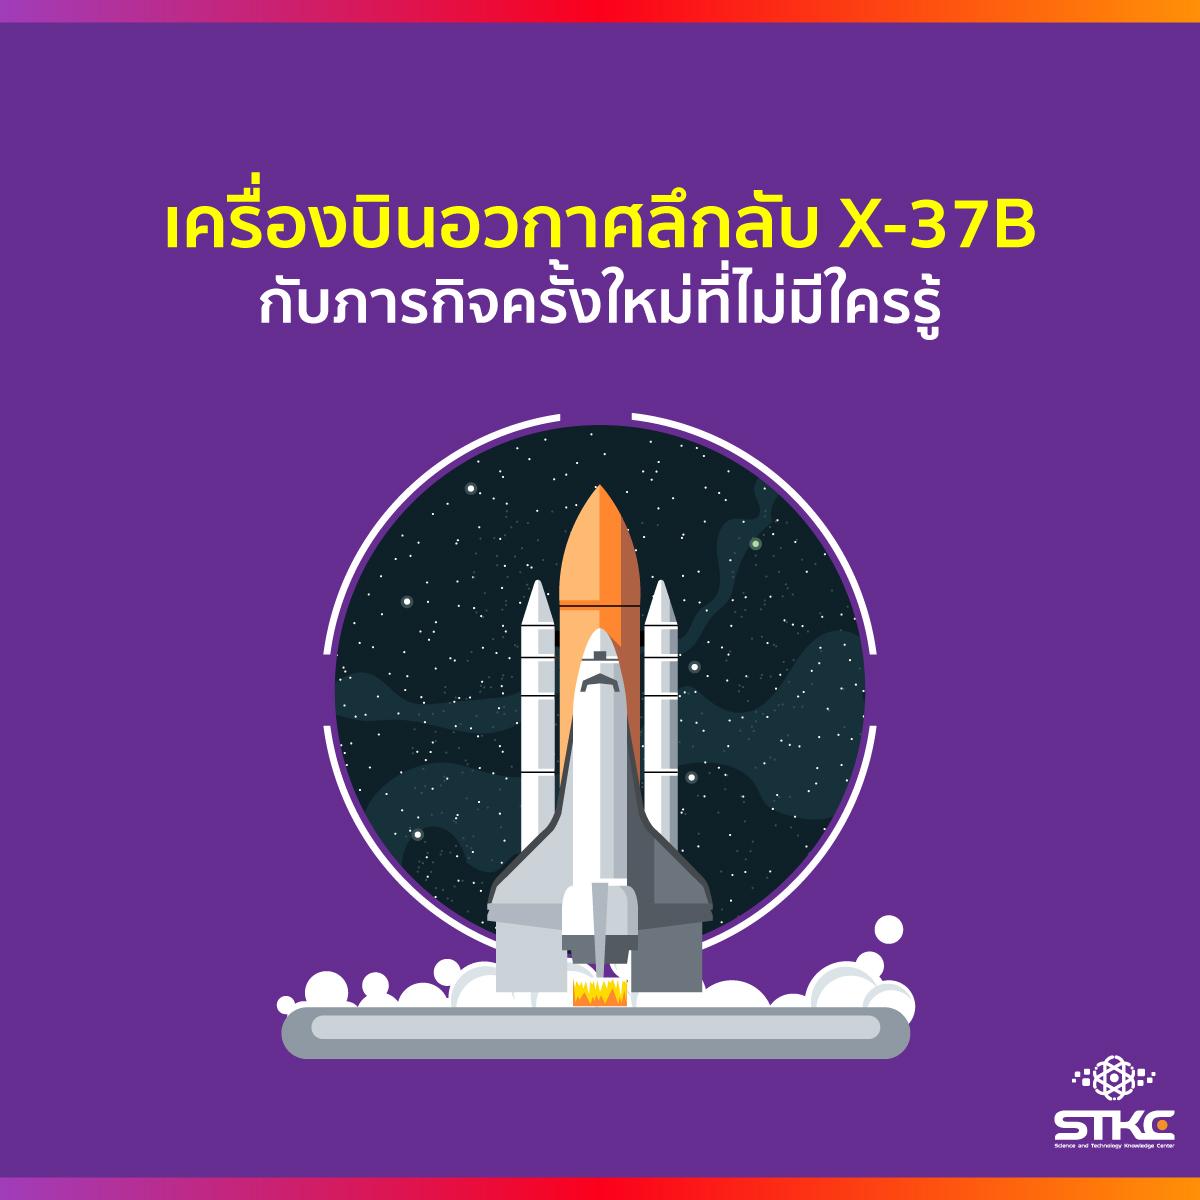 เครื่องบินอวกาศลึกลับ X-37B กับภารกิจครั้งใหม่ที่ไม่มีใครรู้